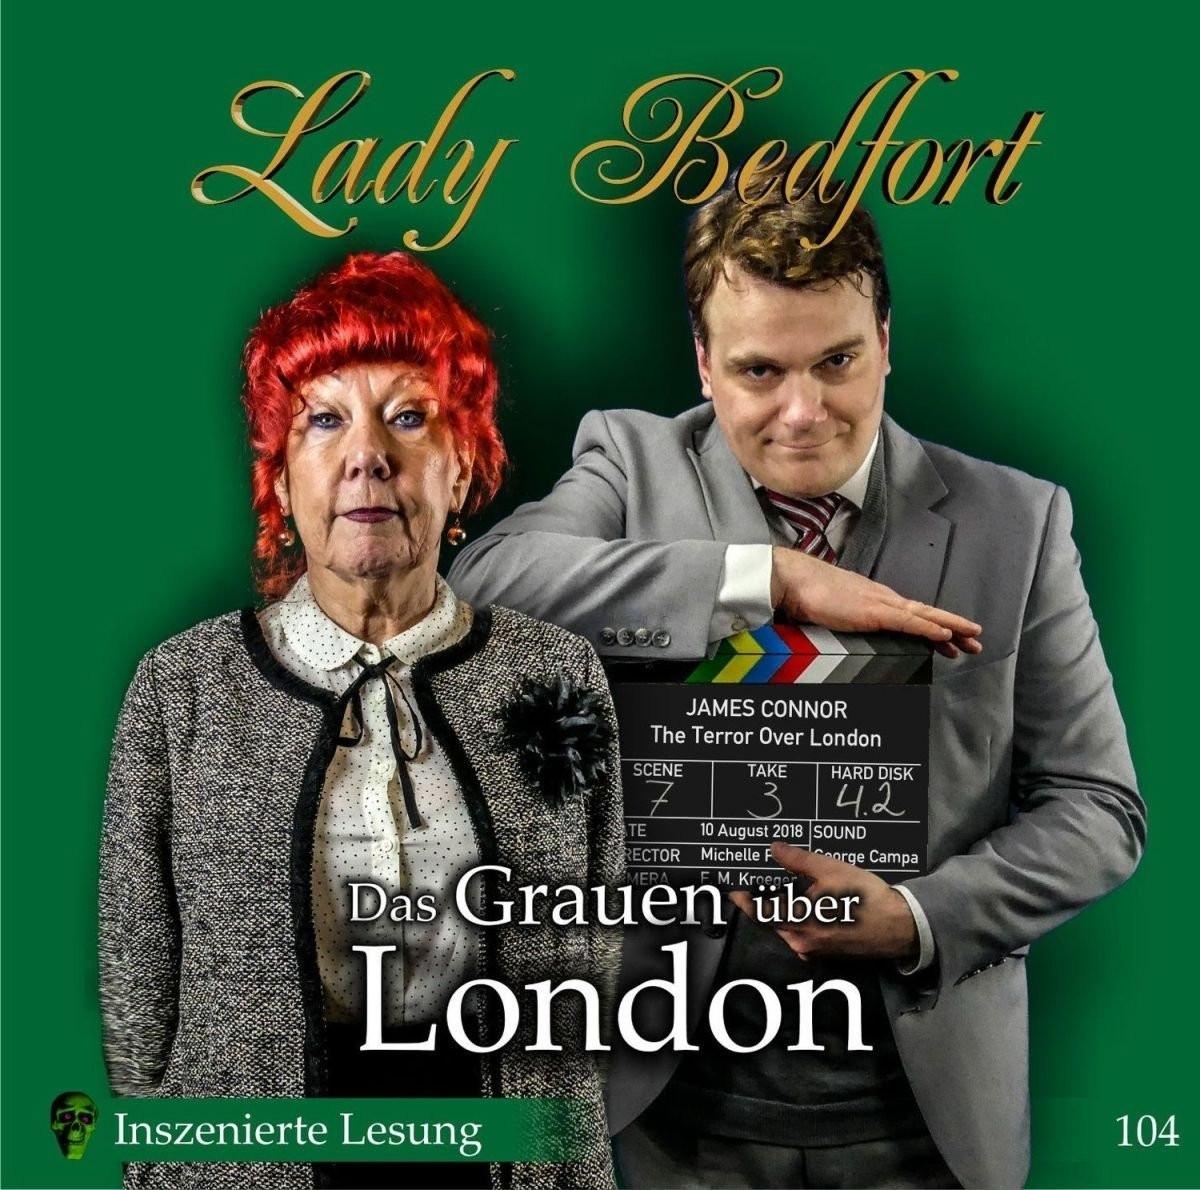 Lady Bedfort - Folge 104: Das Grauen über London (Inszenierte Lesung)